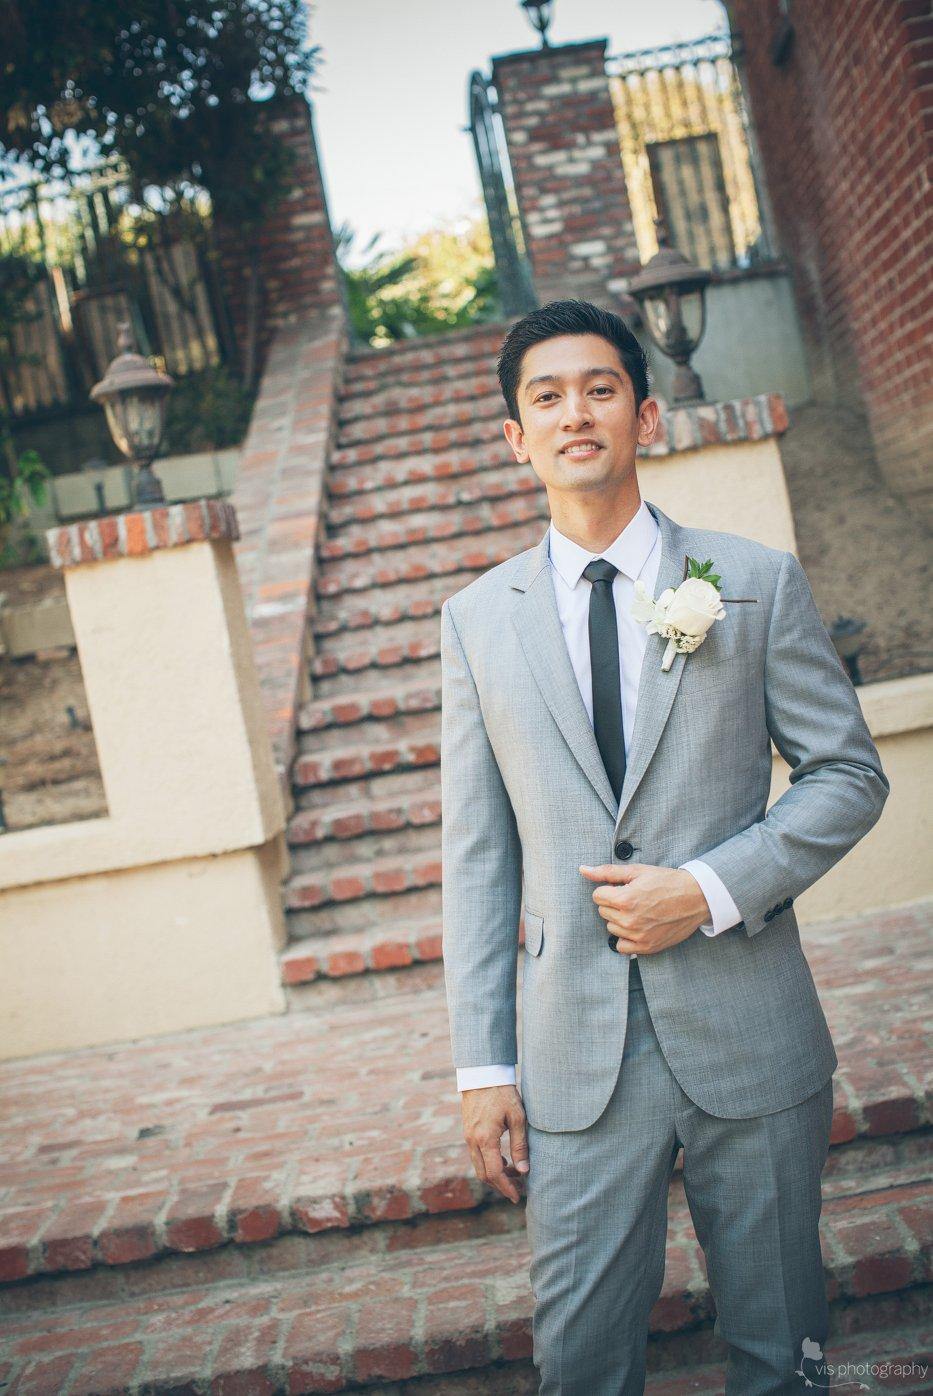 Dapper-california-groom-wears-light-gray-suit.full